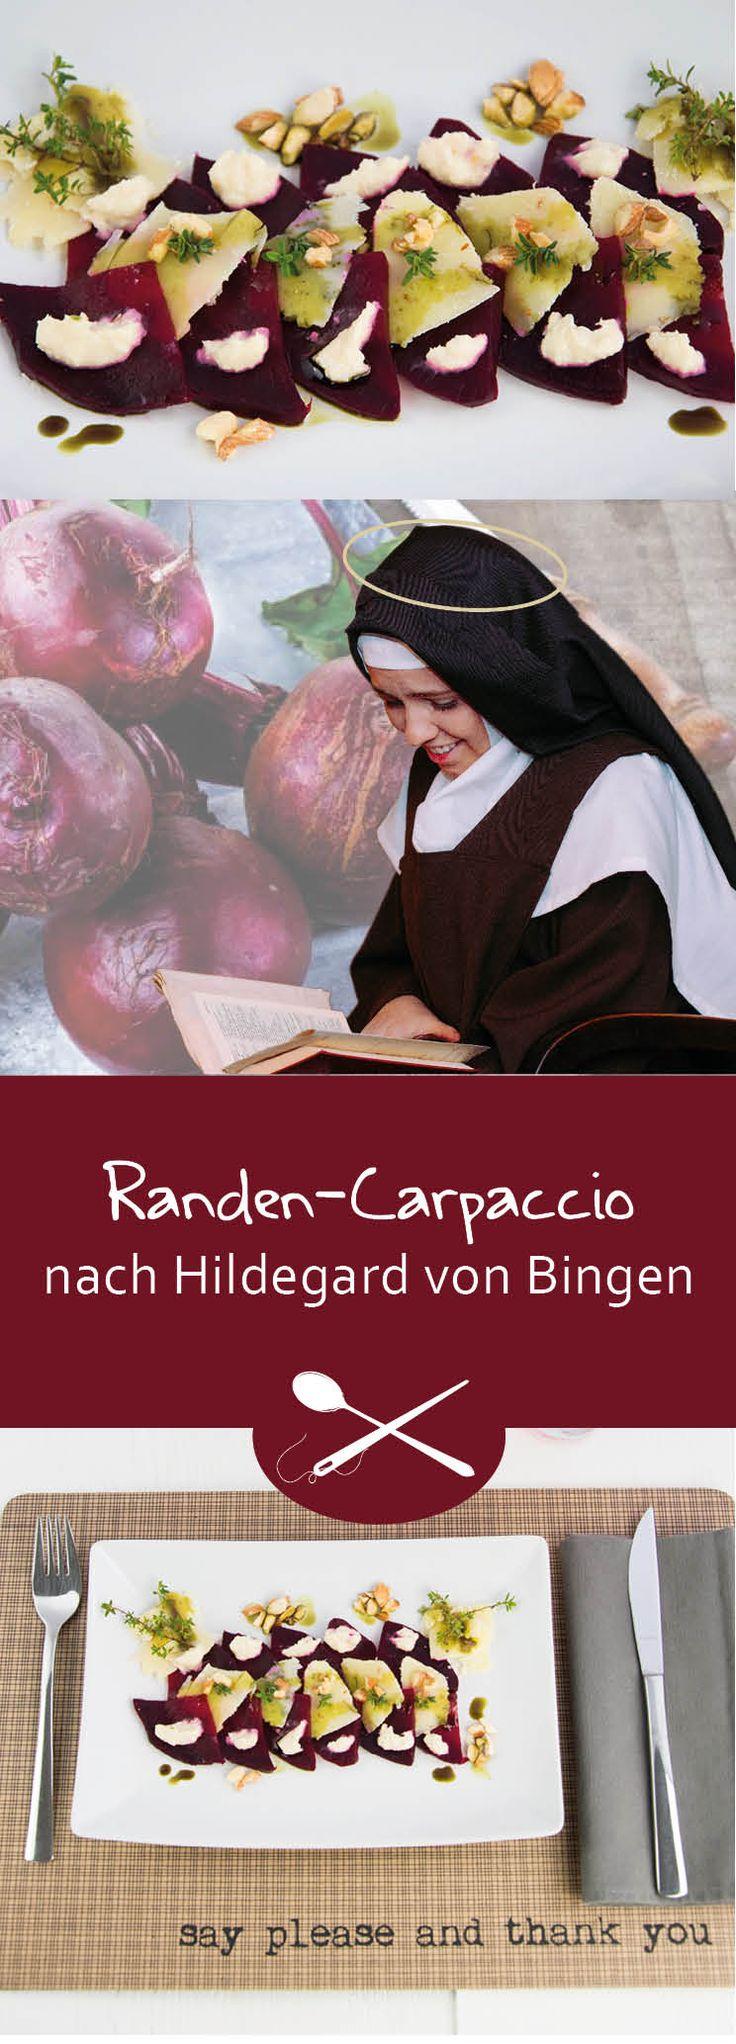 Randen-oder auch rote Beete genannt wird schon in den Schriften der Heiligen Hildegard von Bingen als sehr bekömmlich erwähnt. Ein Carpaccio als Vorspeise oder als kleines Nachtessen, auch für Vegetarier sehr geeignet.